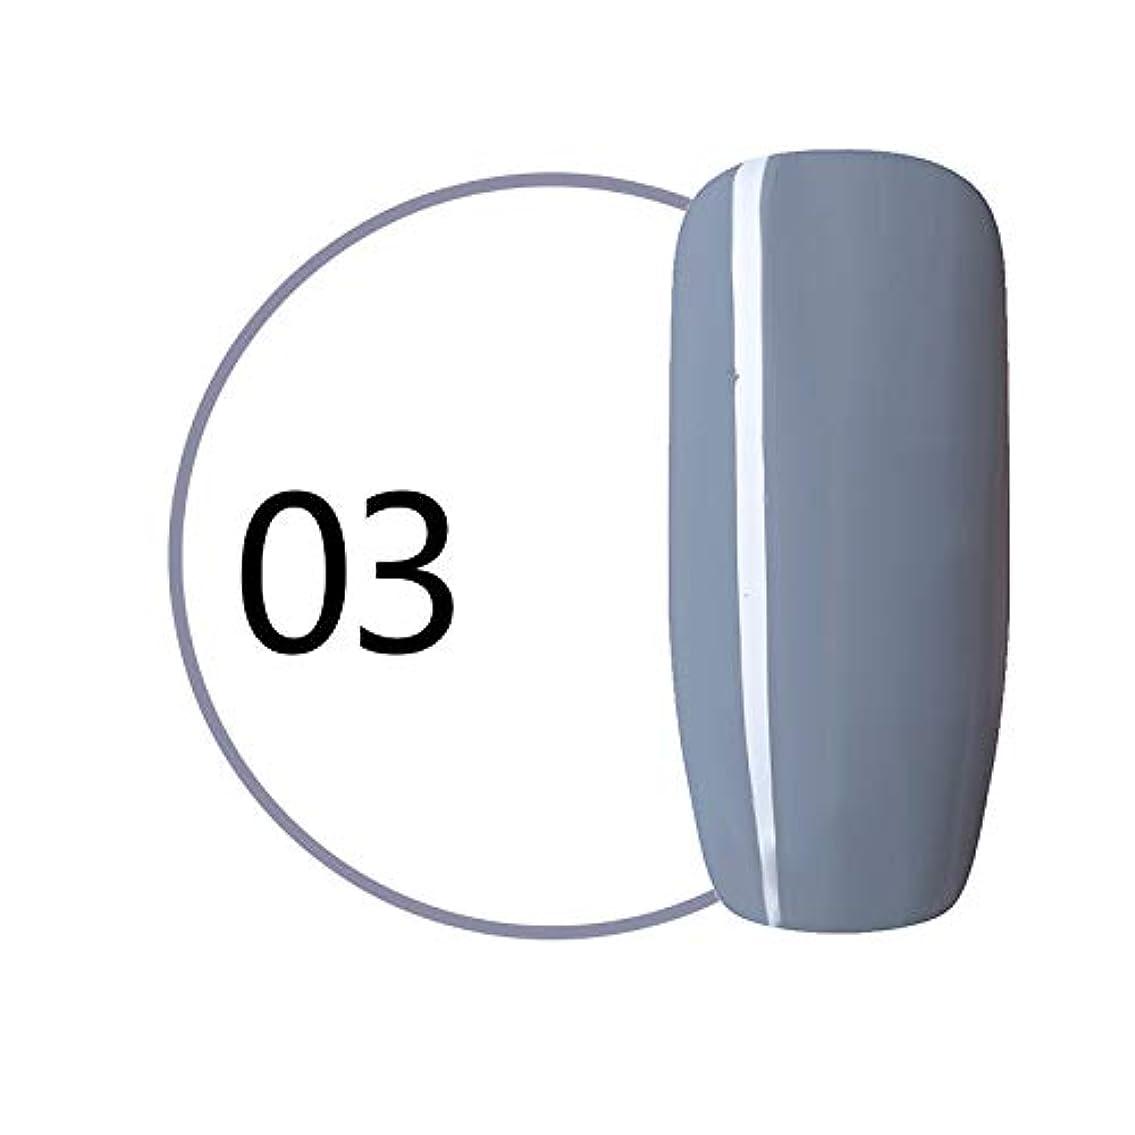 幸運手がかり足Symboat マニキュア ソークオフ UV LED ネイルジェルポリッシュ ワイングレーシリーズ ネイル用品 女優 人気 初心者にも対応 安全 無毒